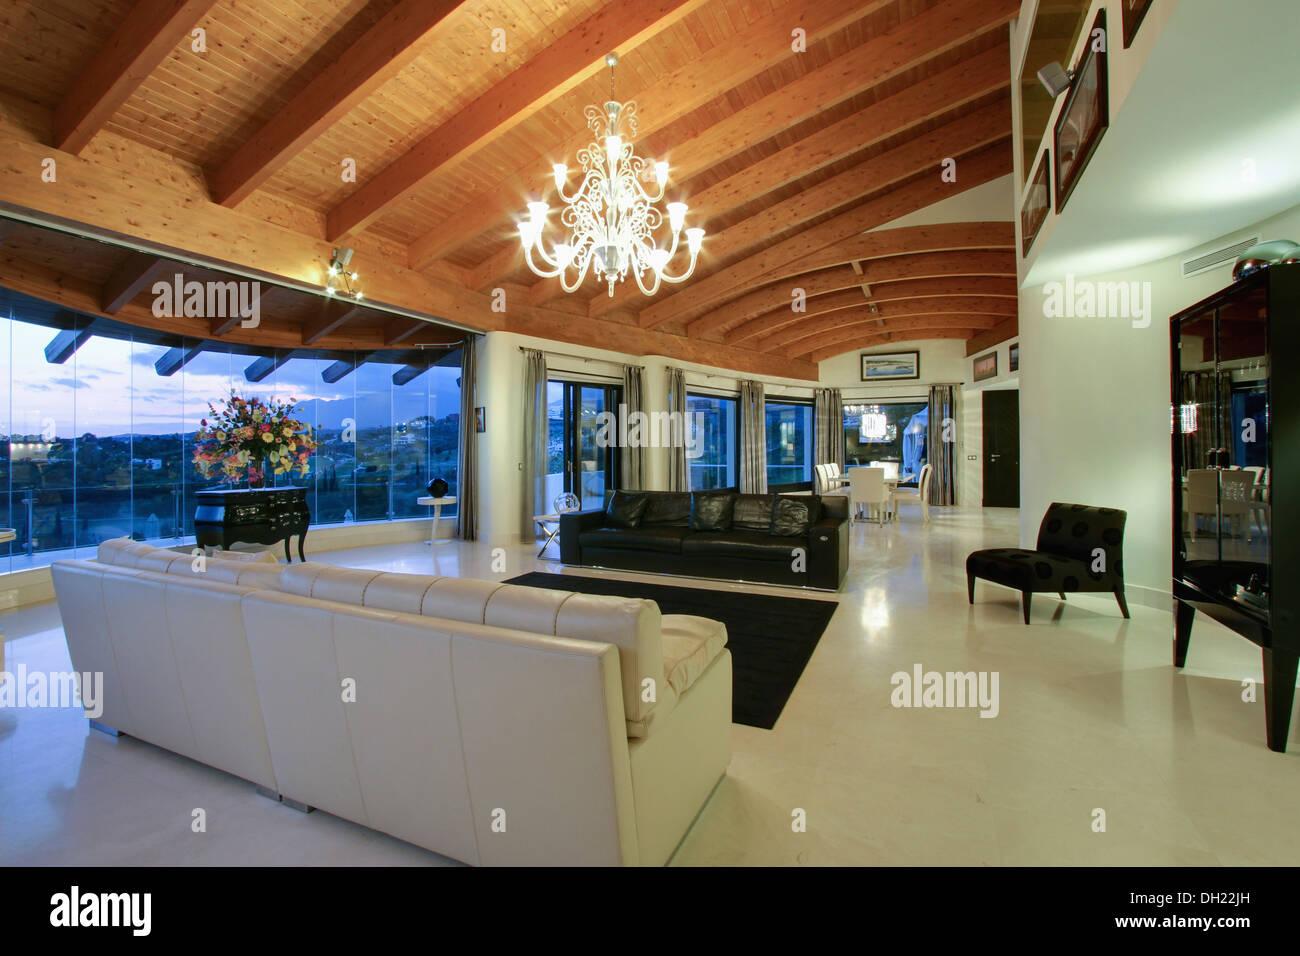 Lampadari Per Soffitti Con Travi In Legno : Illuminazione soggiorno travi a vista beautiful illuminazione